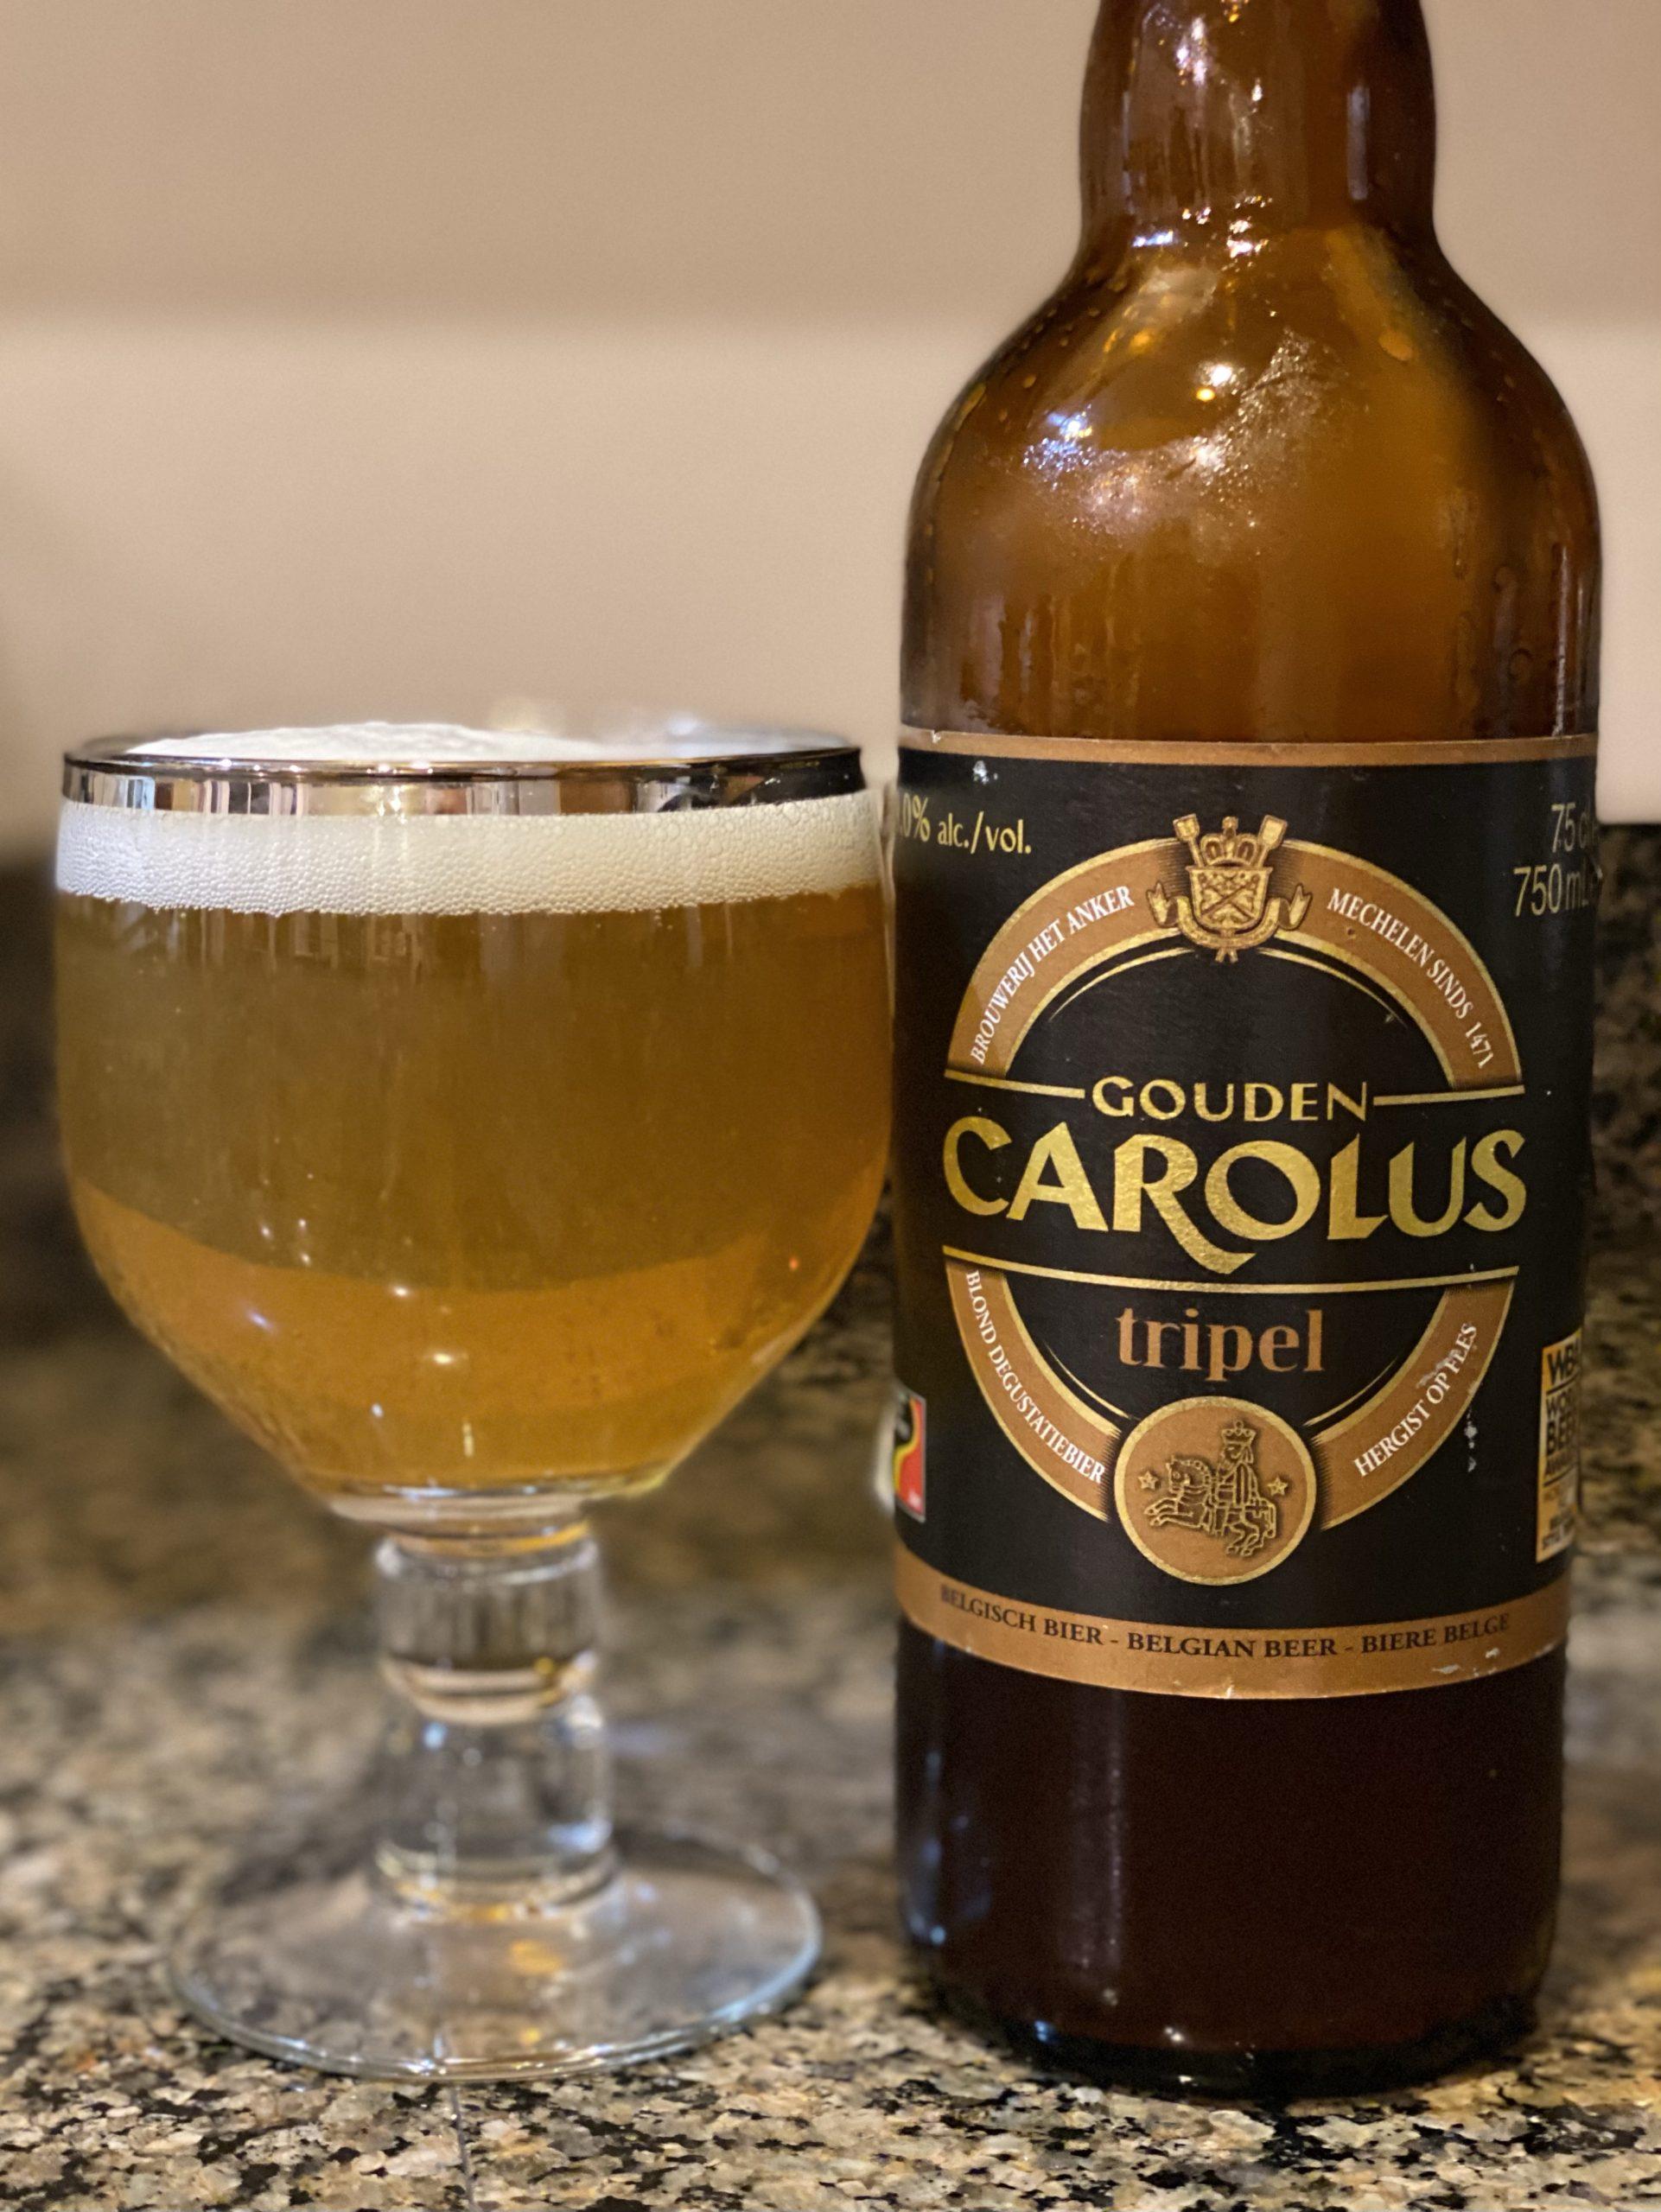 Gouden Carolus – Tripel by Brouwerij Het Anker